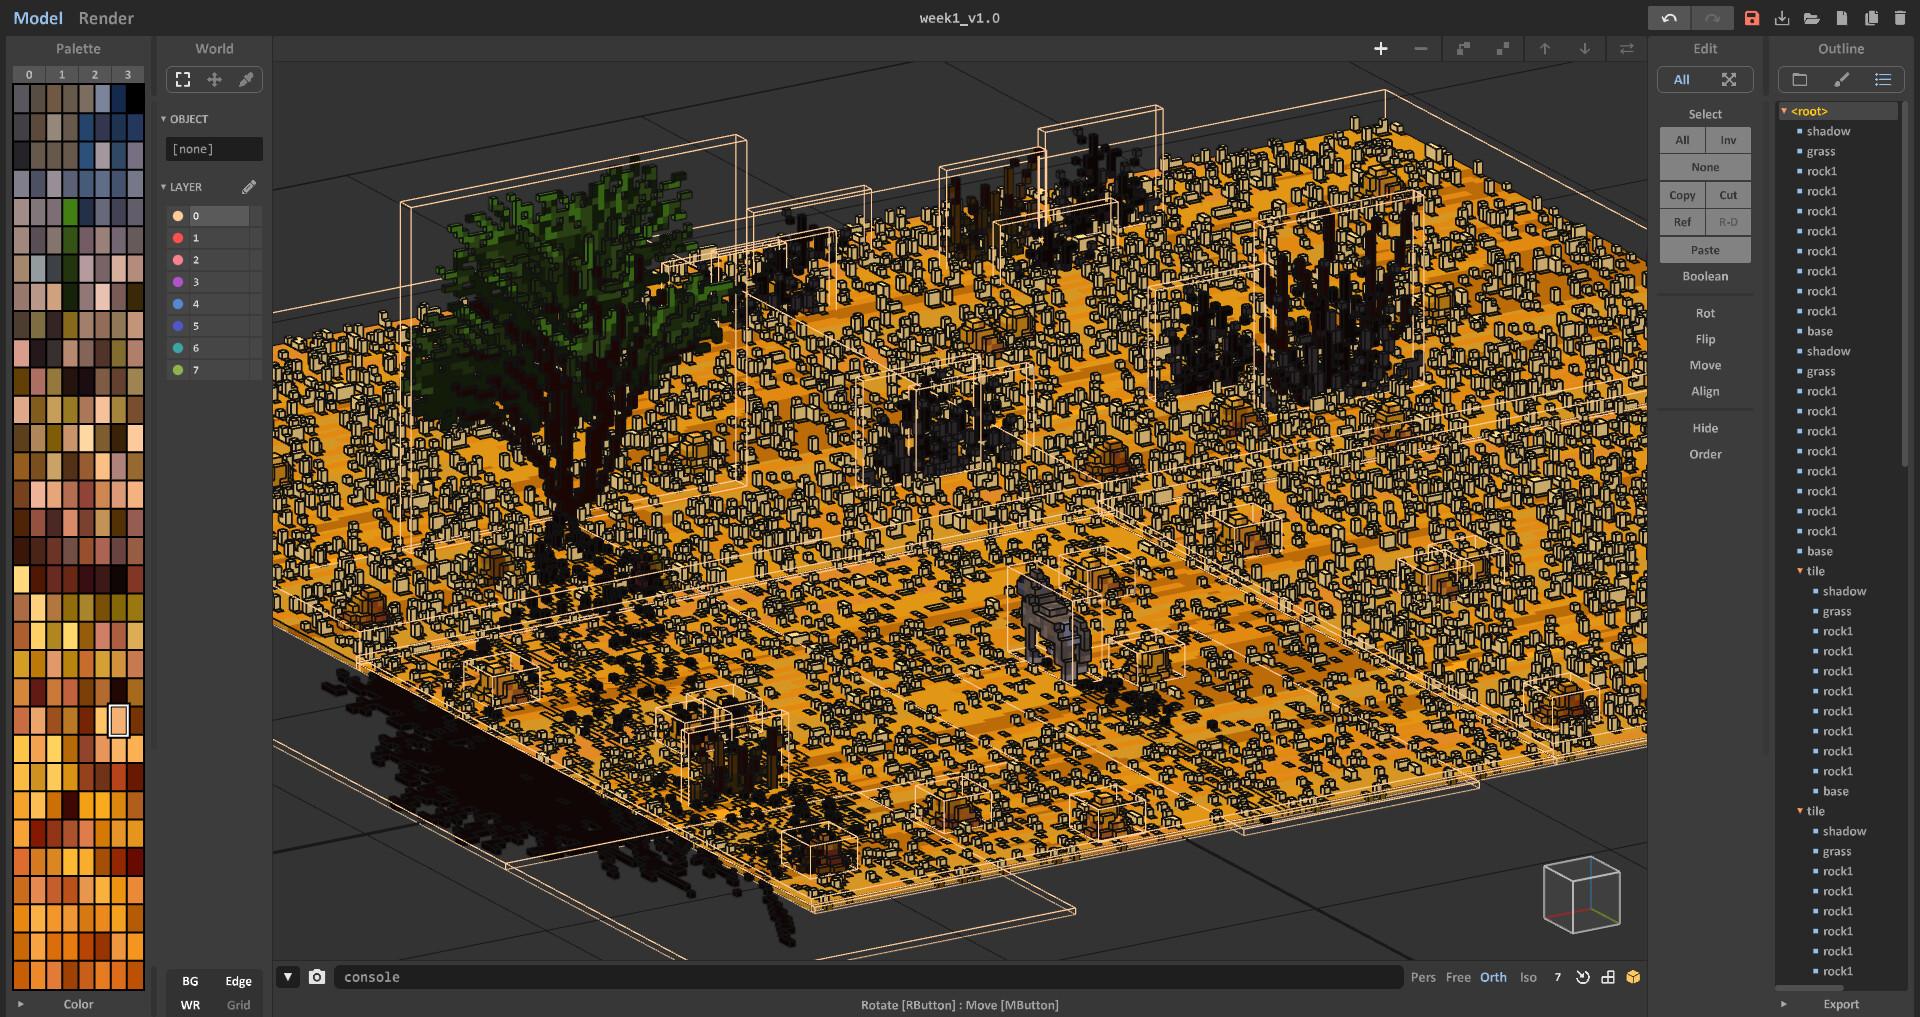 Voxaweek: Desert - MagicaVoxel scene outine Digital 3D, january 2020